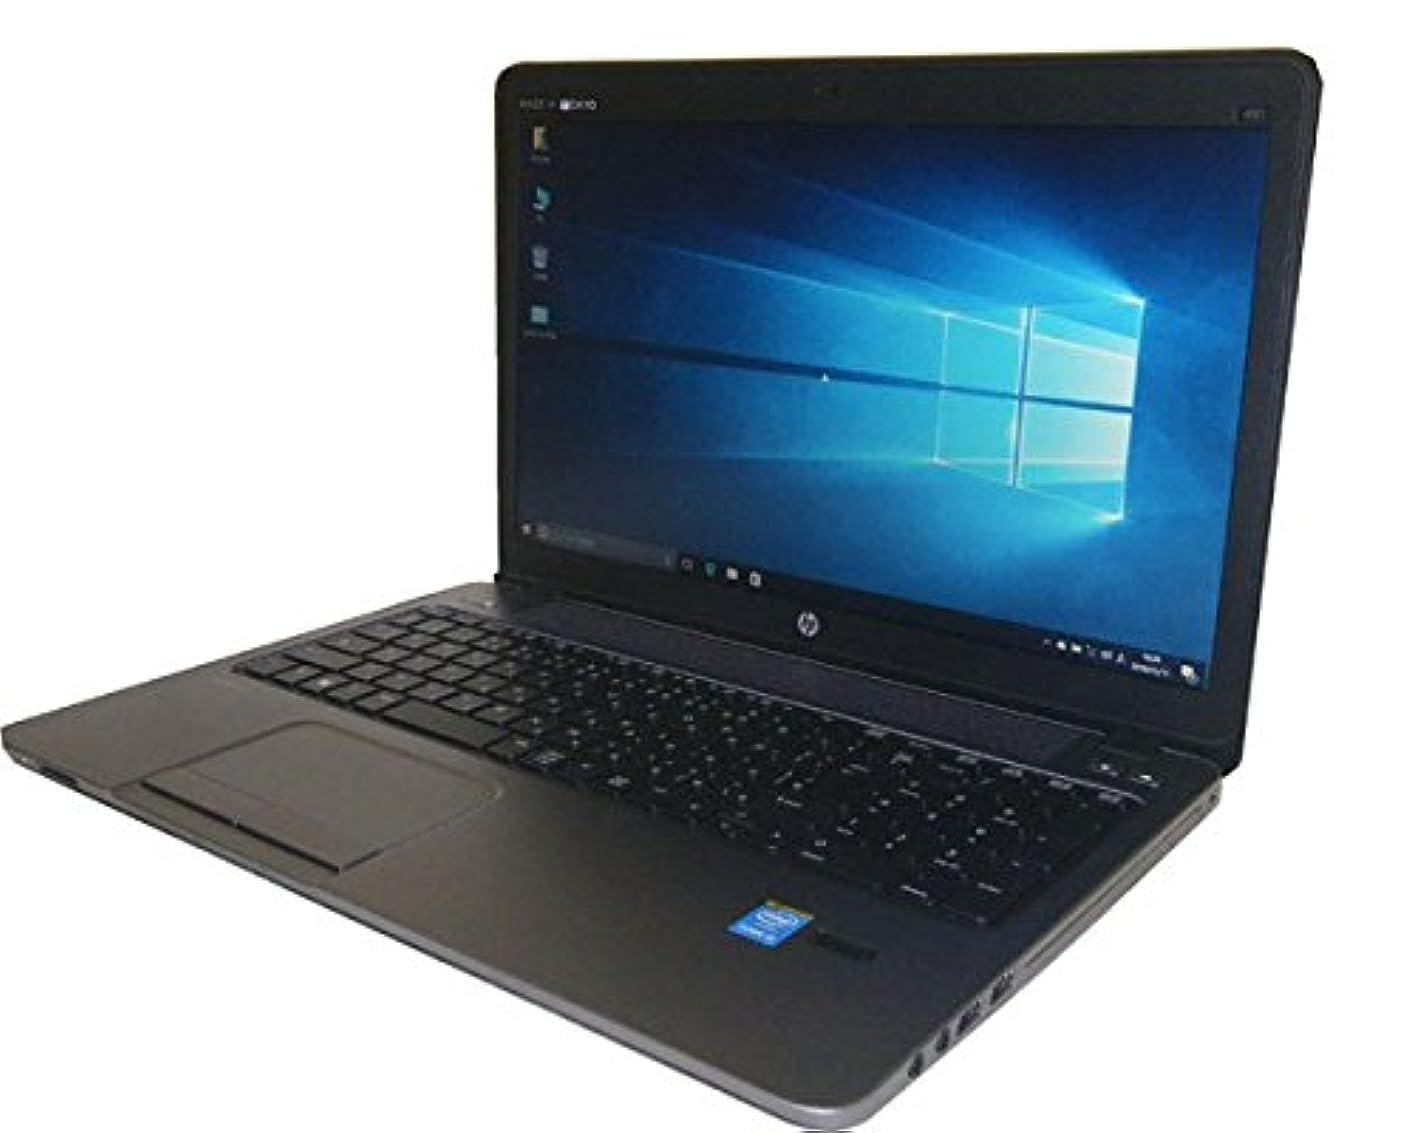 殺人盲目エッセイWindows10-64bit 中古ノートパソコン 美品 HP ProBook 450 G1 (F2M07AV) テンキー付き Core i3-4000M 2.4GHz/4GB/320GB/マルチ/WPS Office付き (NO-10718)